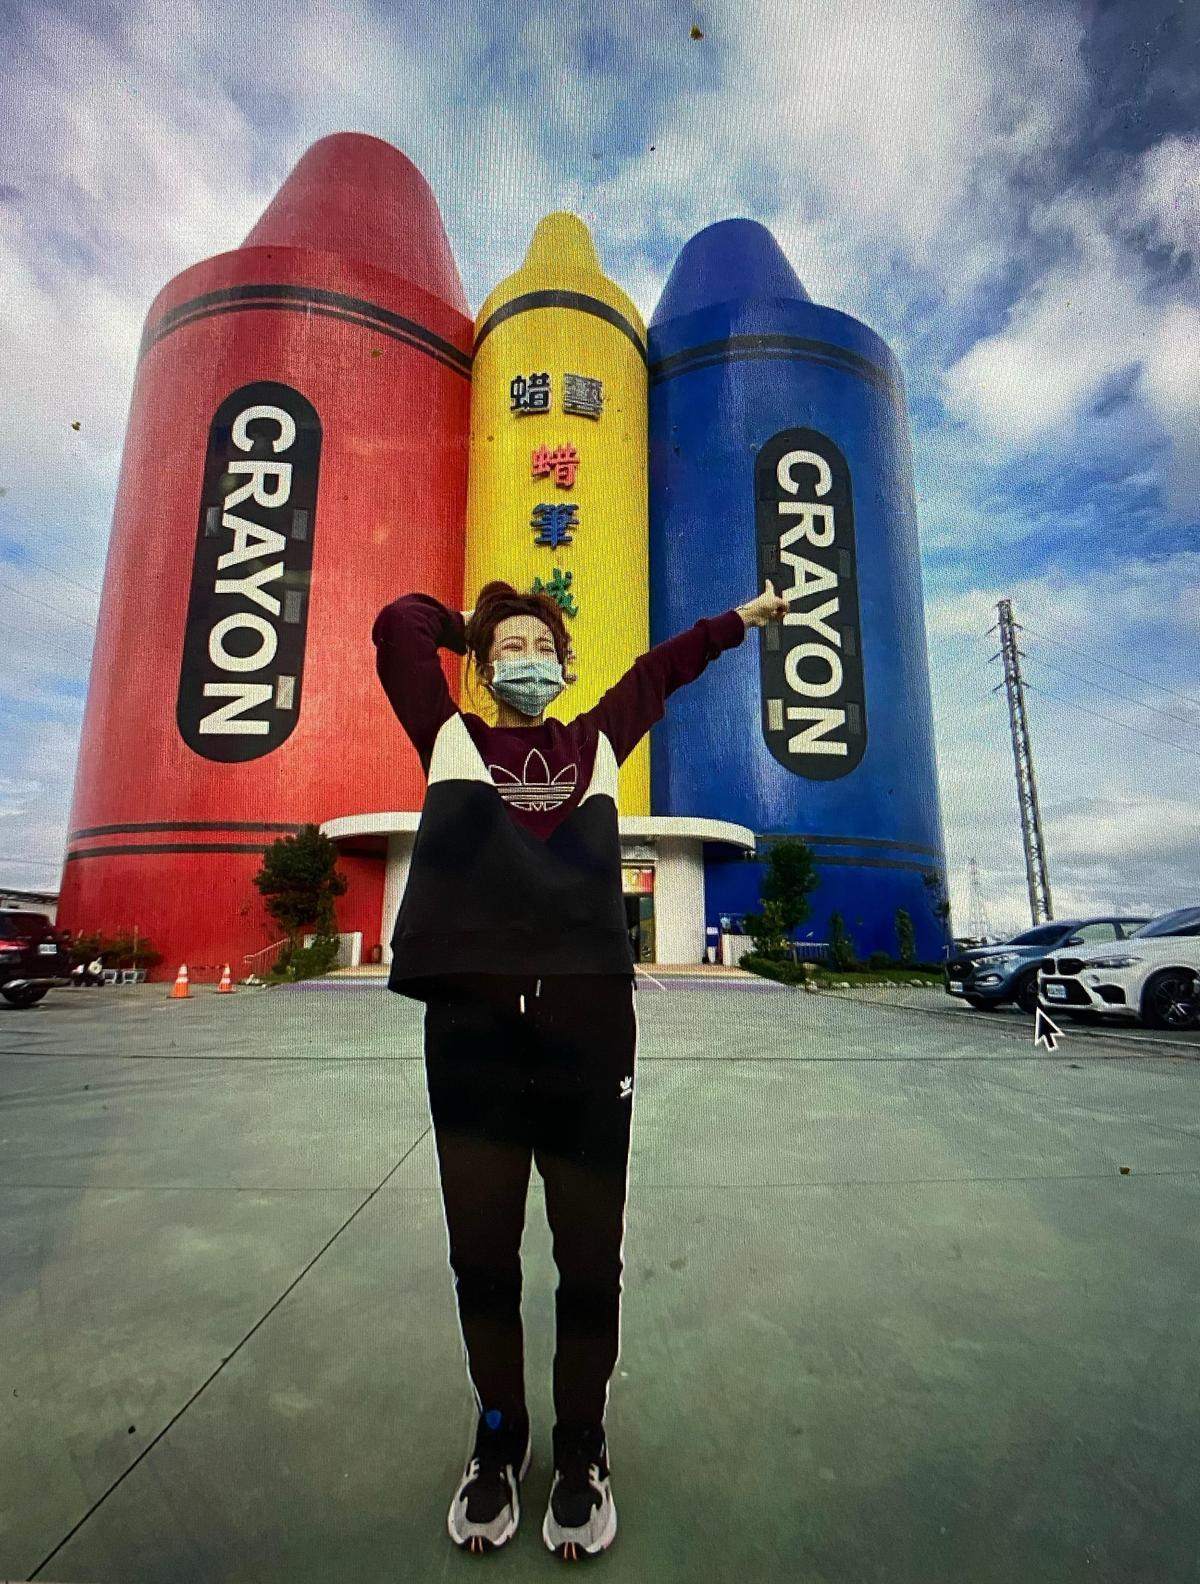 莉婭指謝和弦之前曾帶女粉絲陳寶去宜蘭遊玩,女方站在蠟筆工廠前拍照留影。(翻攝自陳寶臉書)